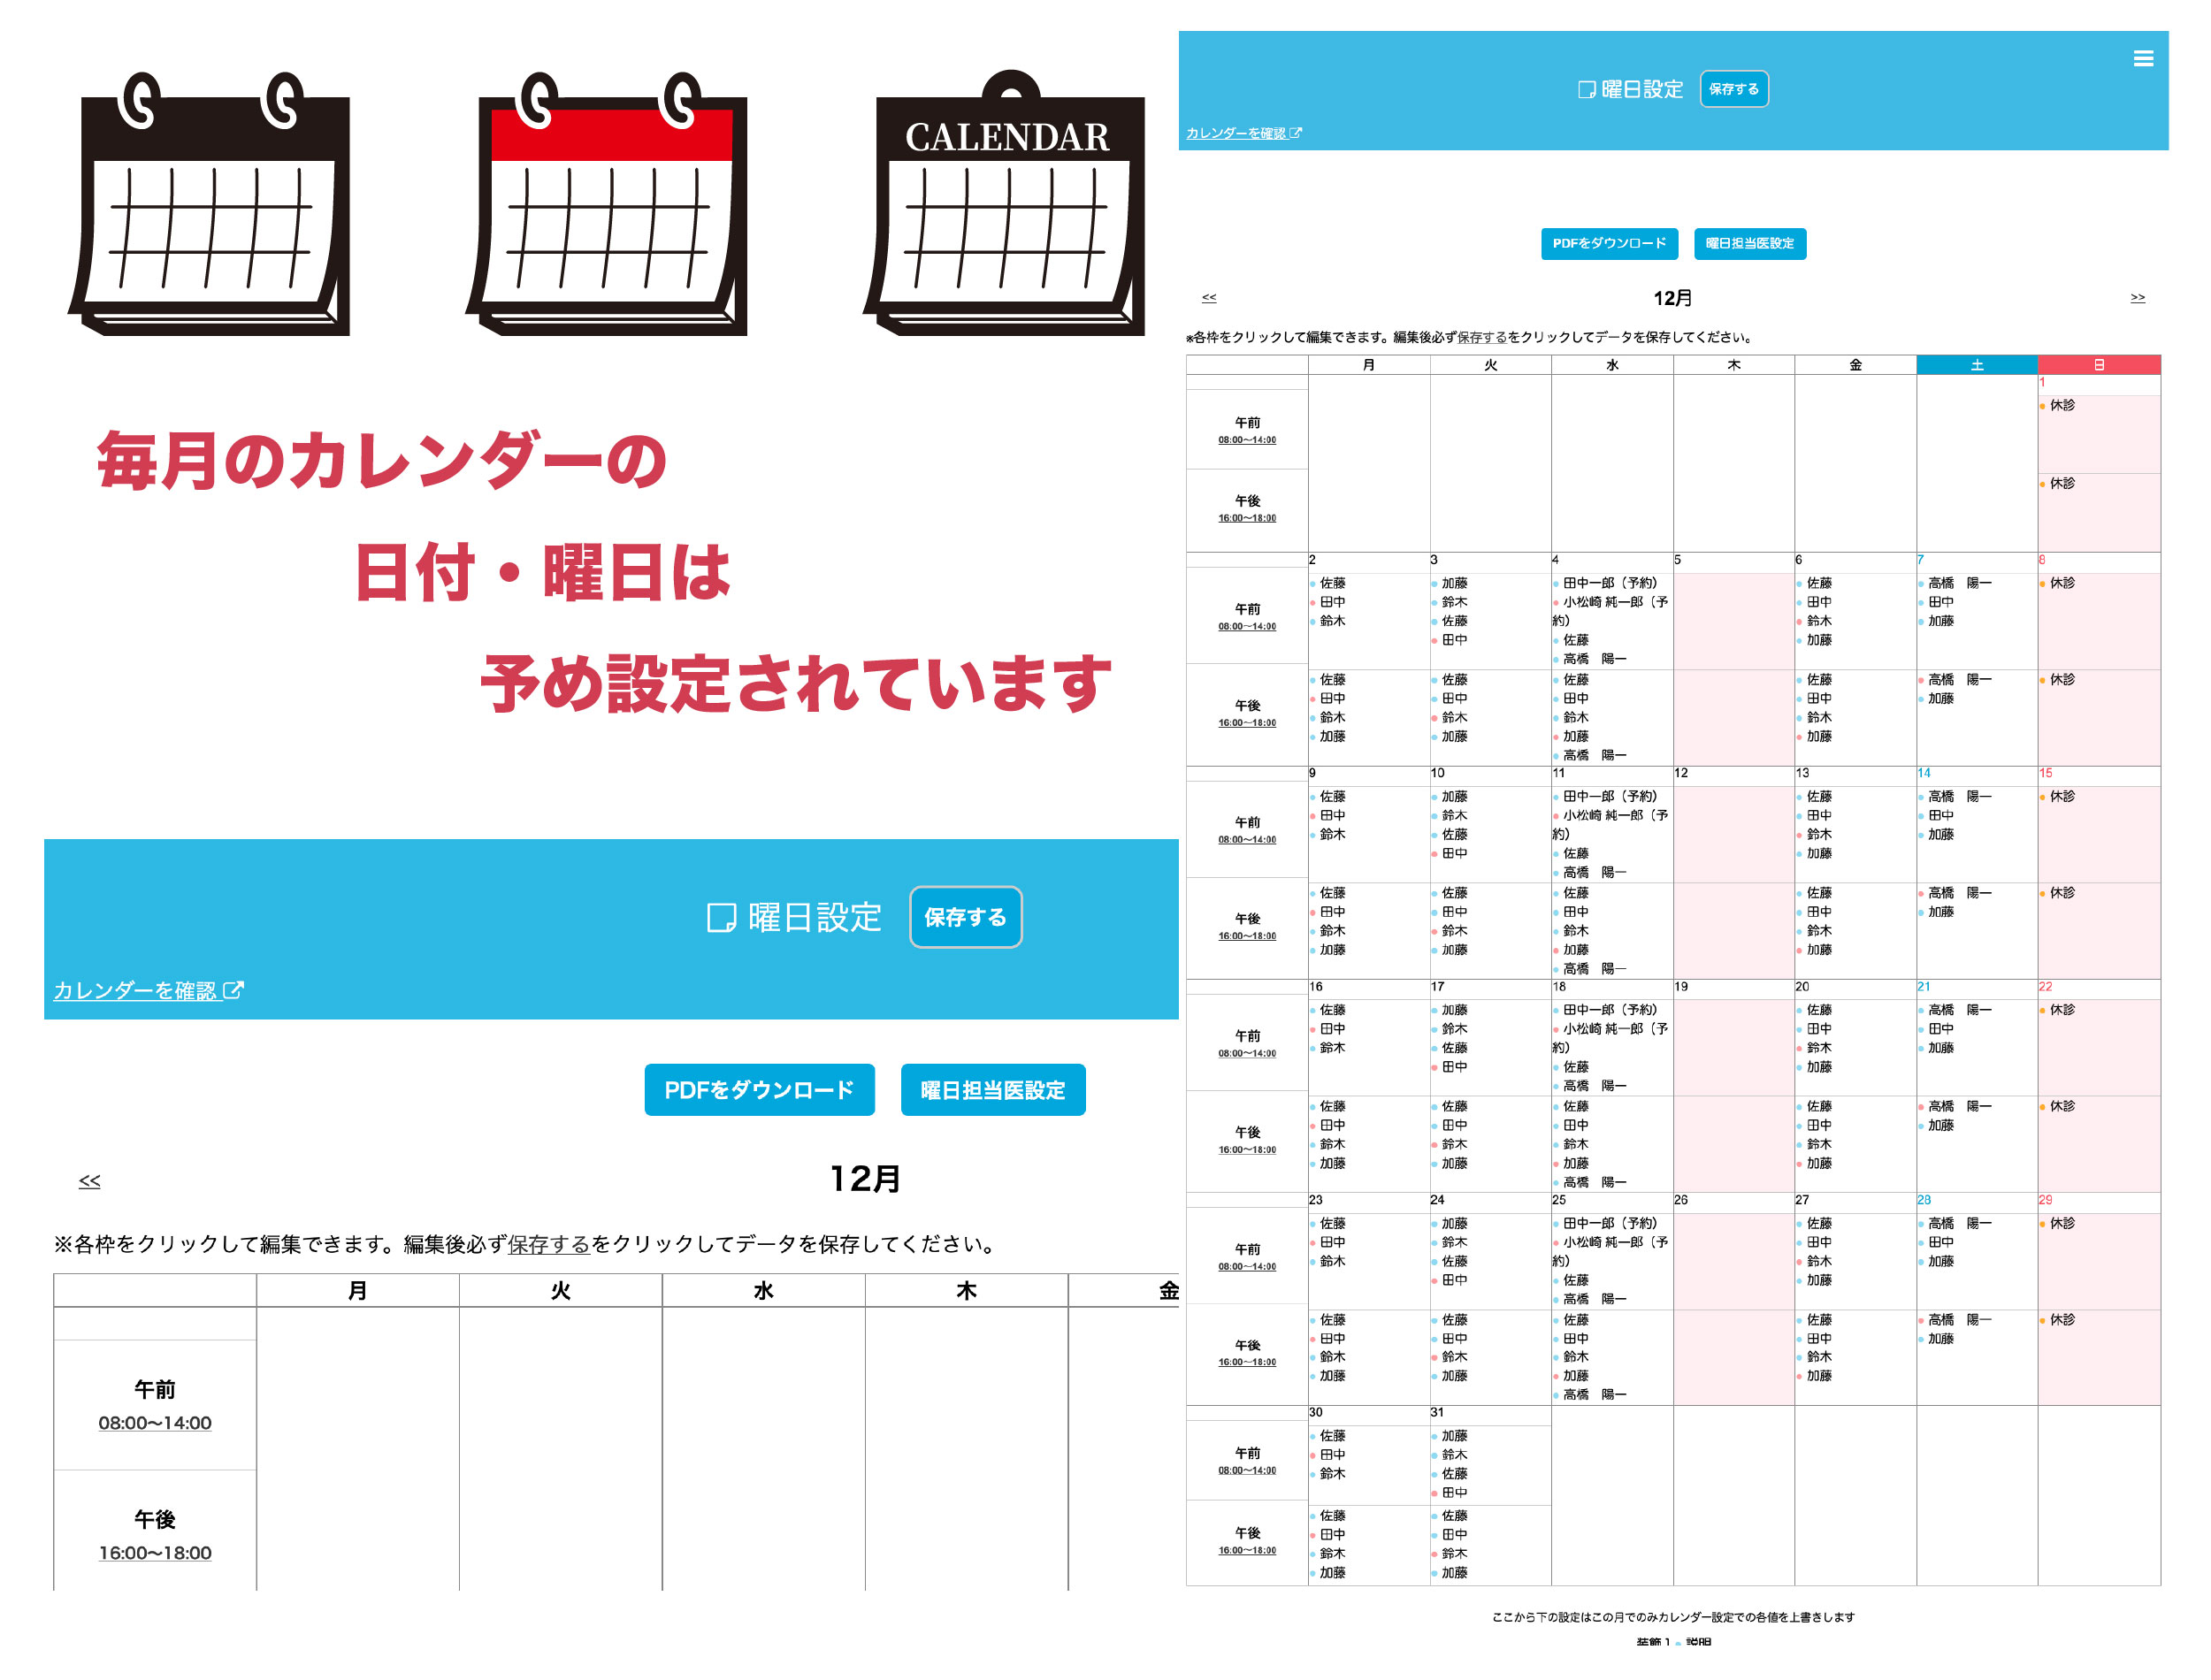 WEB上で操作。毎月のカレンダー を用意する必要はありません!